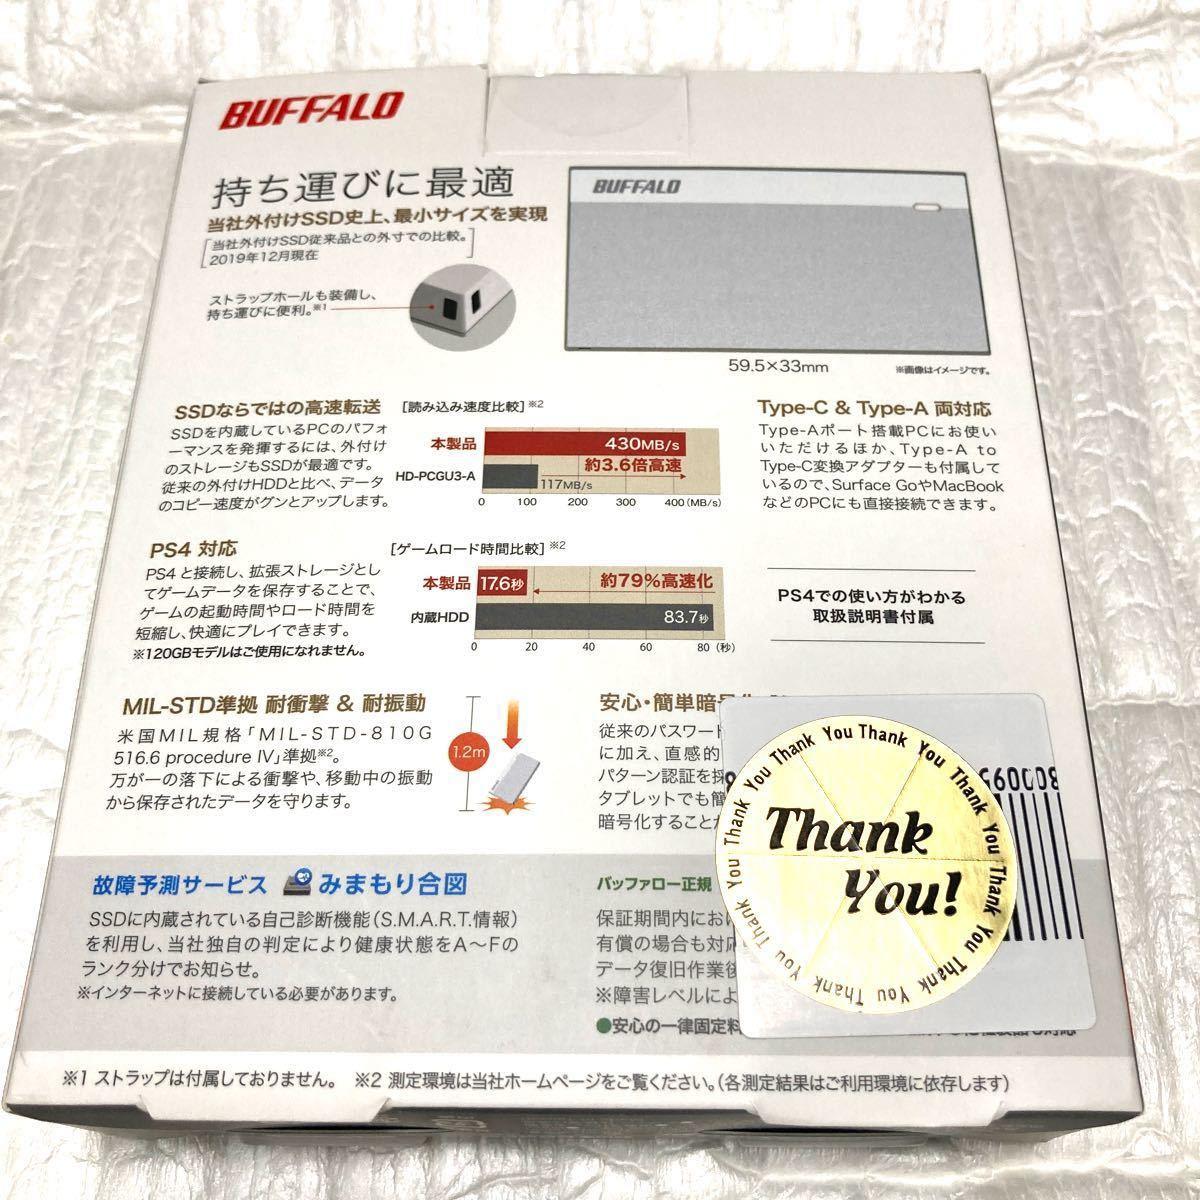 [新品]BUFFALO 外付けポータブルSSD 250GB SSD-PSM250U3-UW